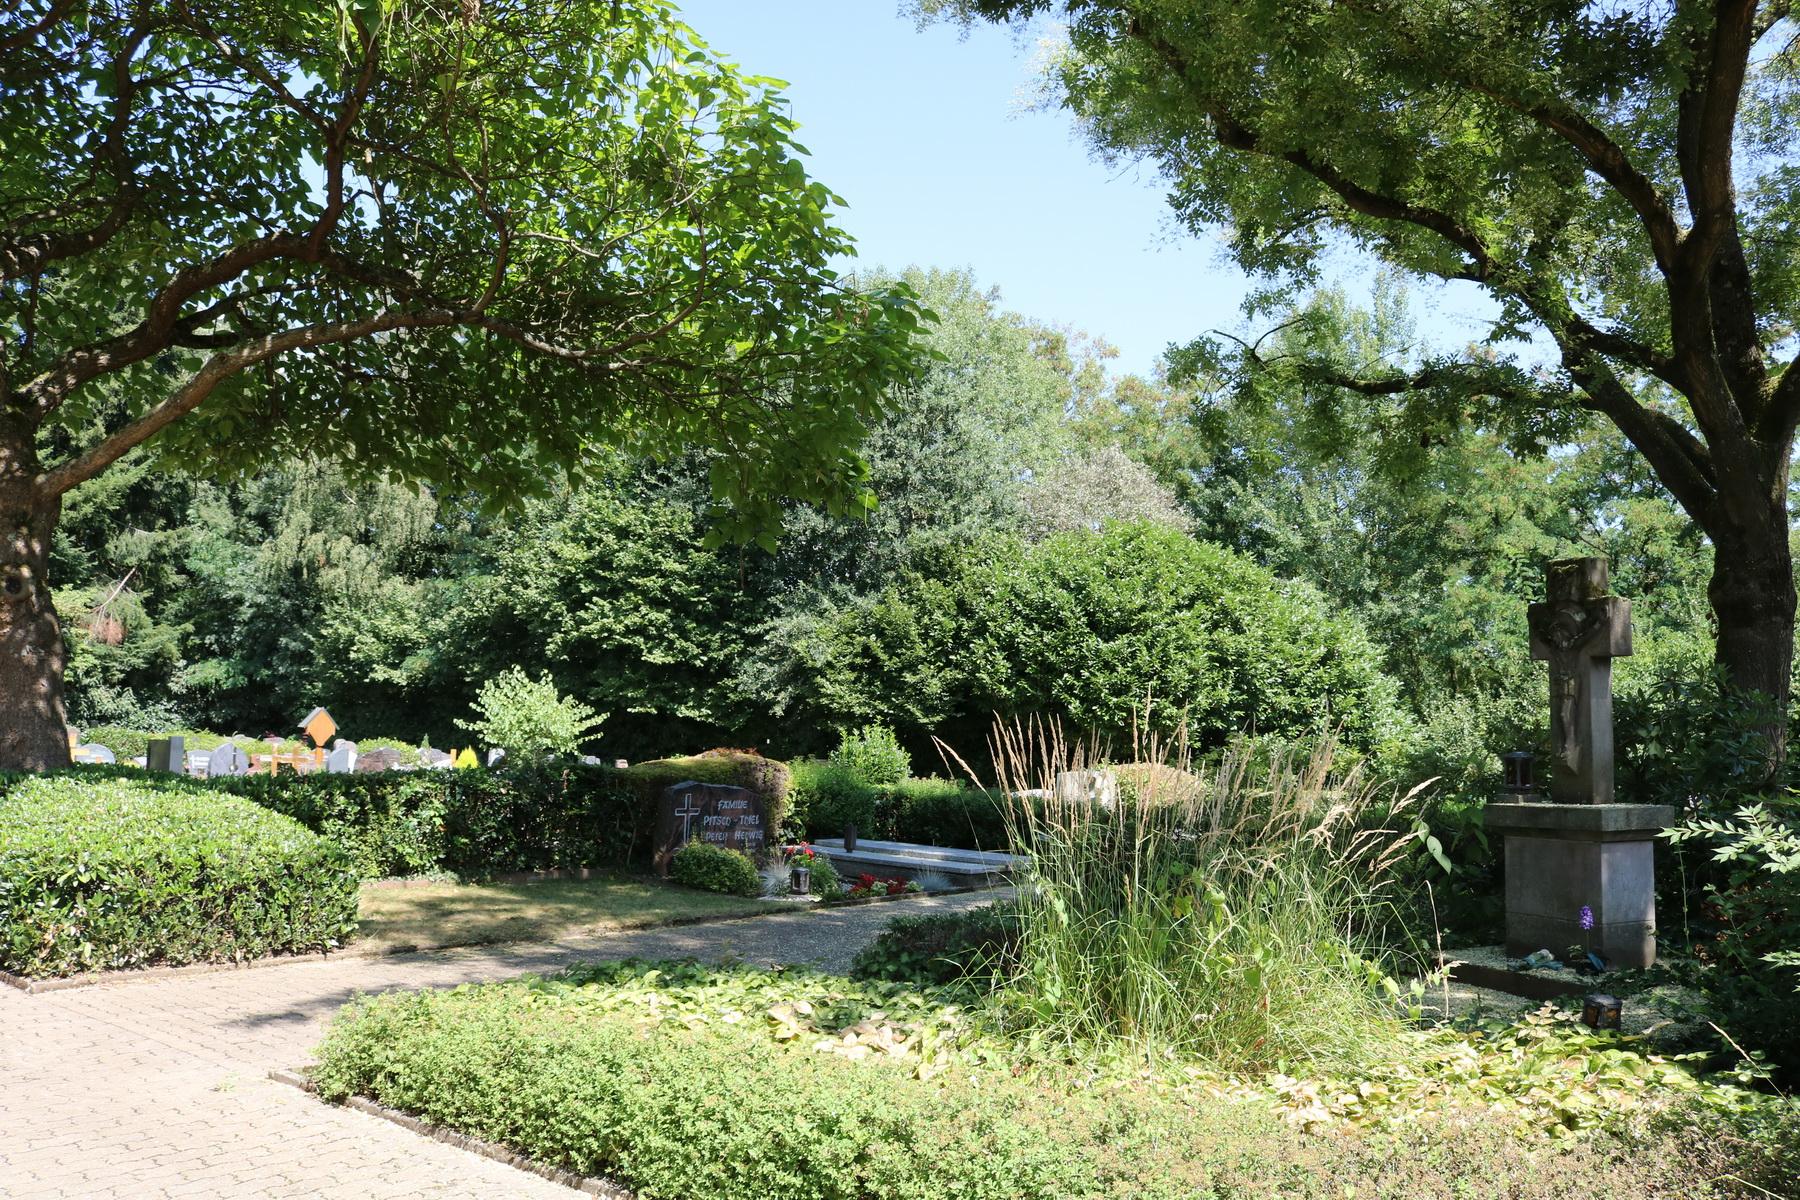 Grabstätten auf dem Friedhof in Schwemlingen